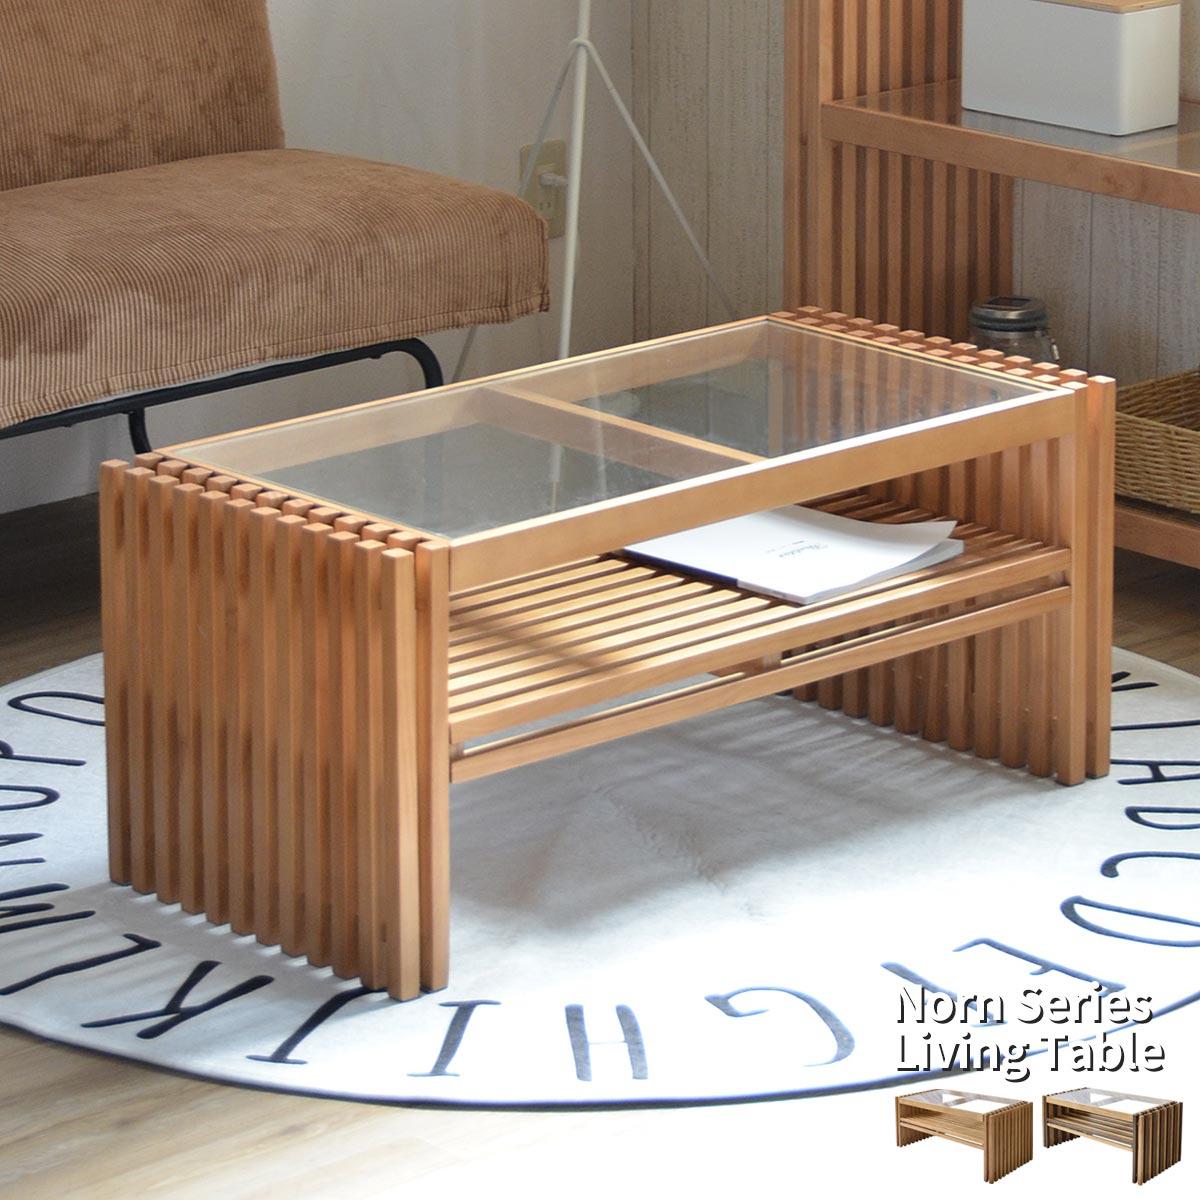 【特別クーポン配布中】北欧風 ガラステーブル Norn ノルン 幅84cm 送料無料 センターテーブル リビングテーブル 格子 ガラス 木製 北欧 おしゃれ モダン